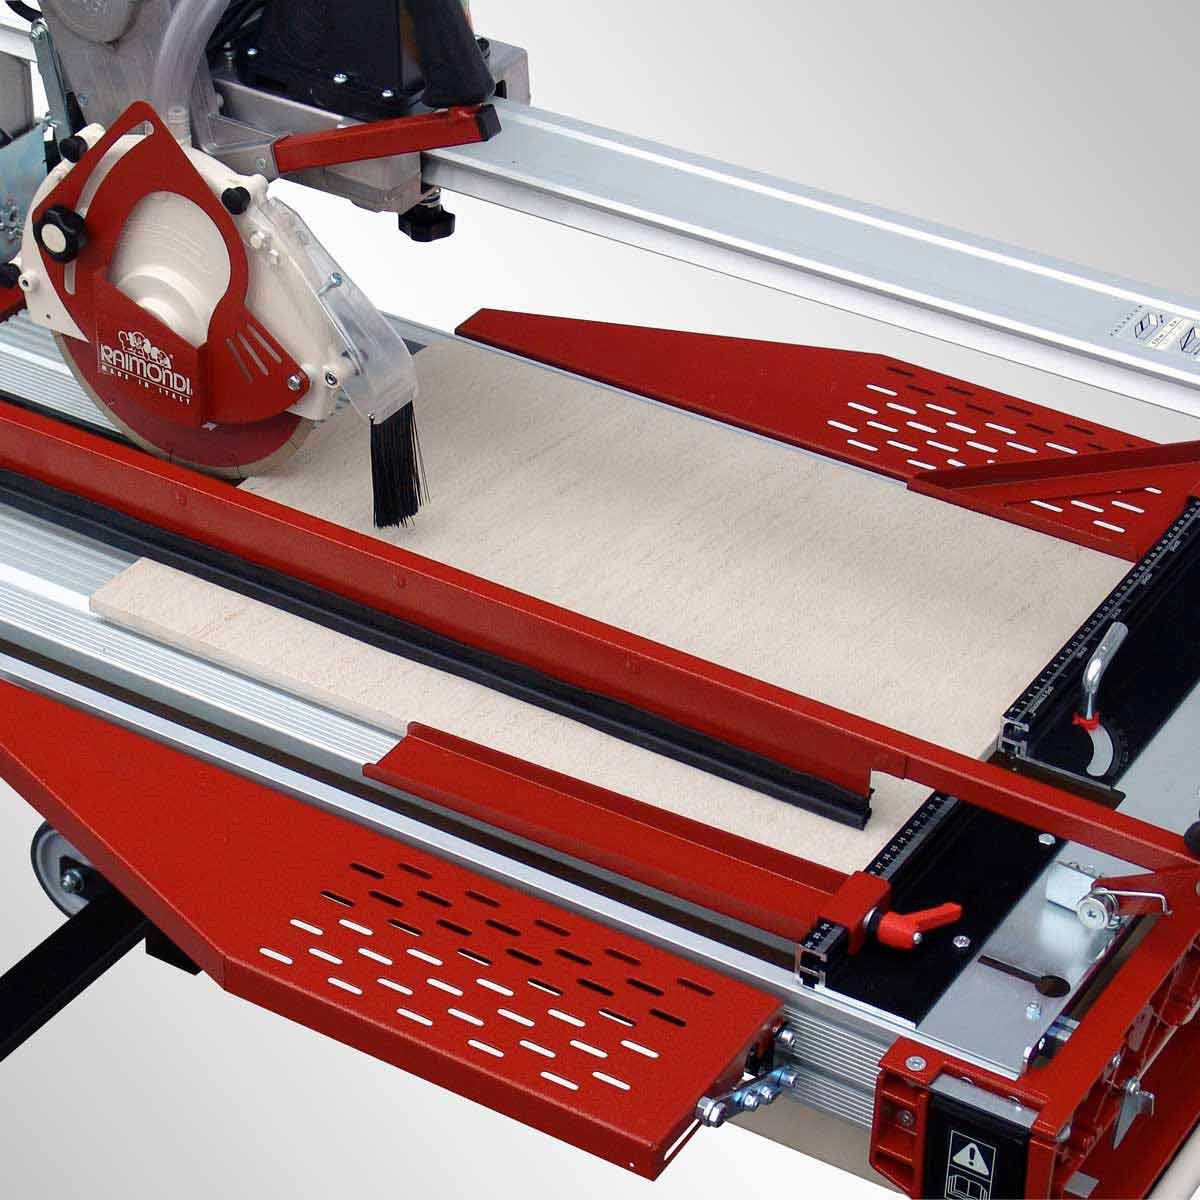 Raimondi Rail saw folding extension table and 90 degree left square